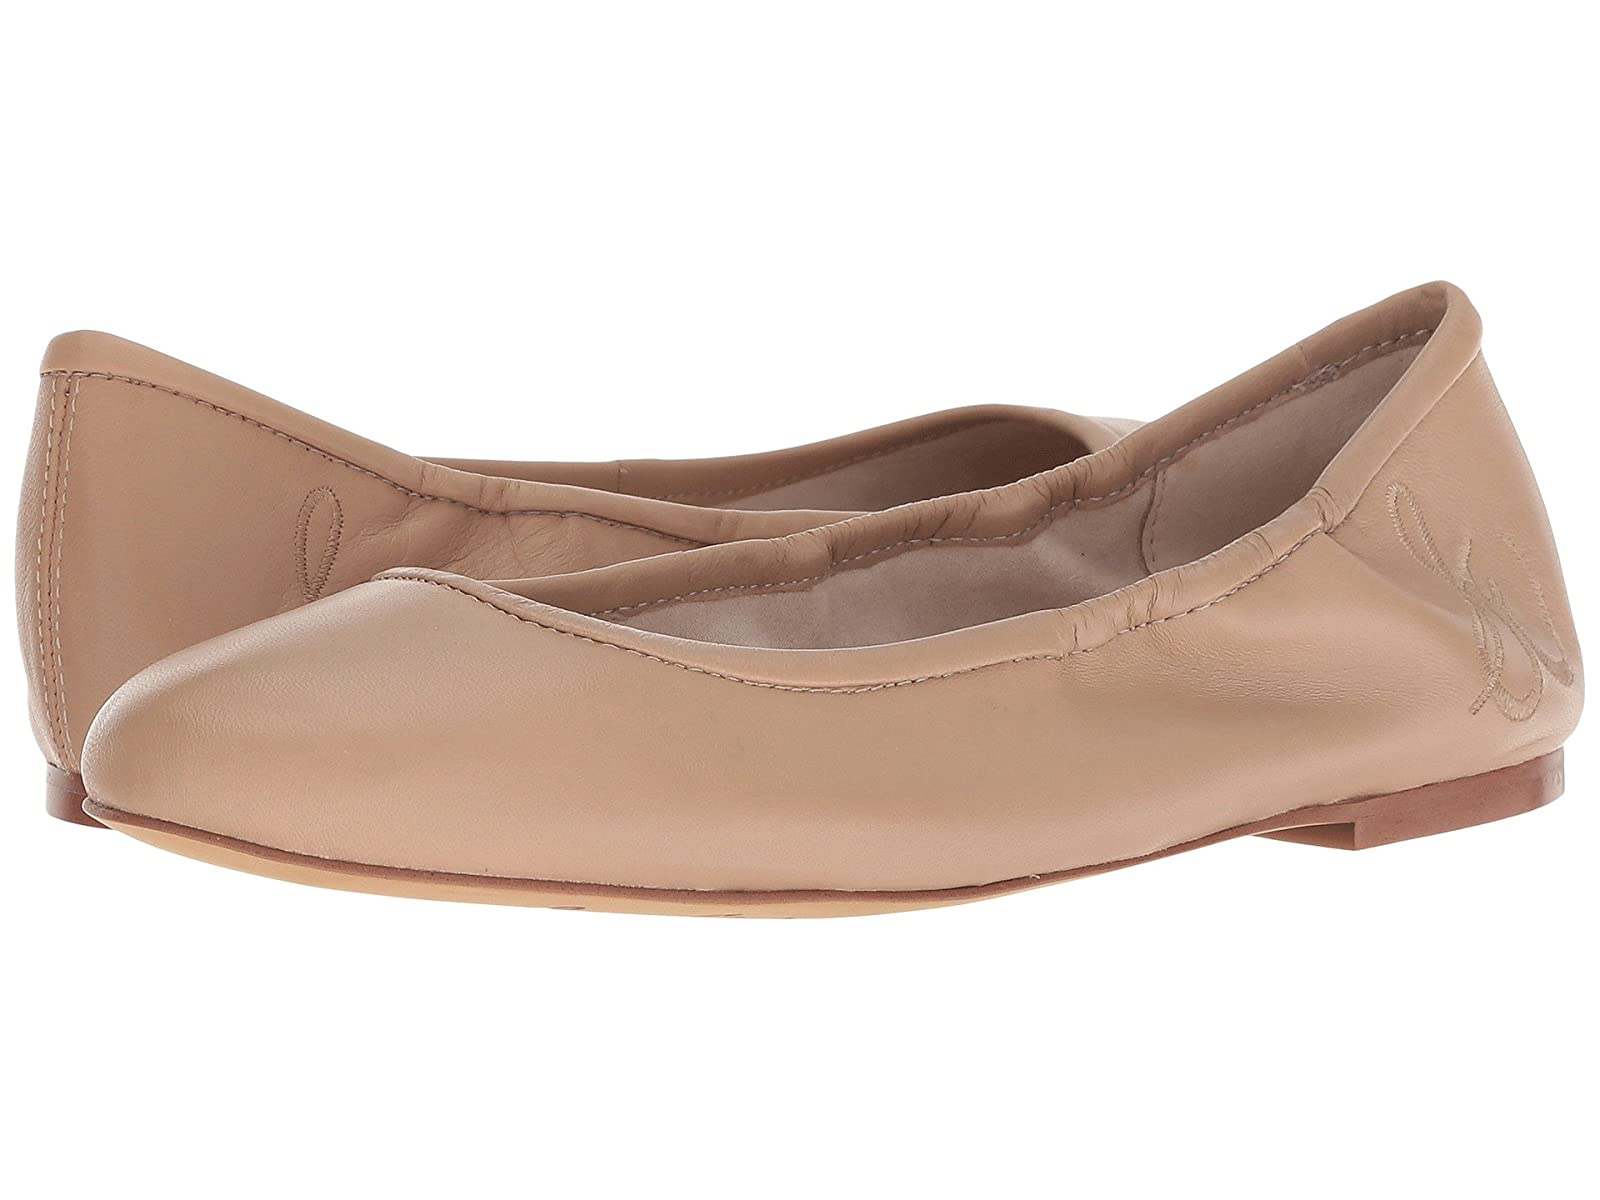 Sam Edelman FritzCheap and distinctive eye-catching shoes